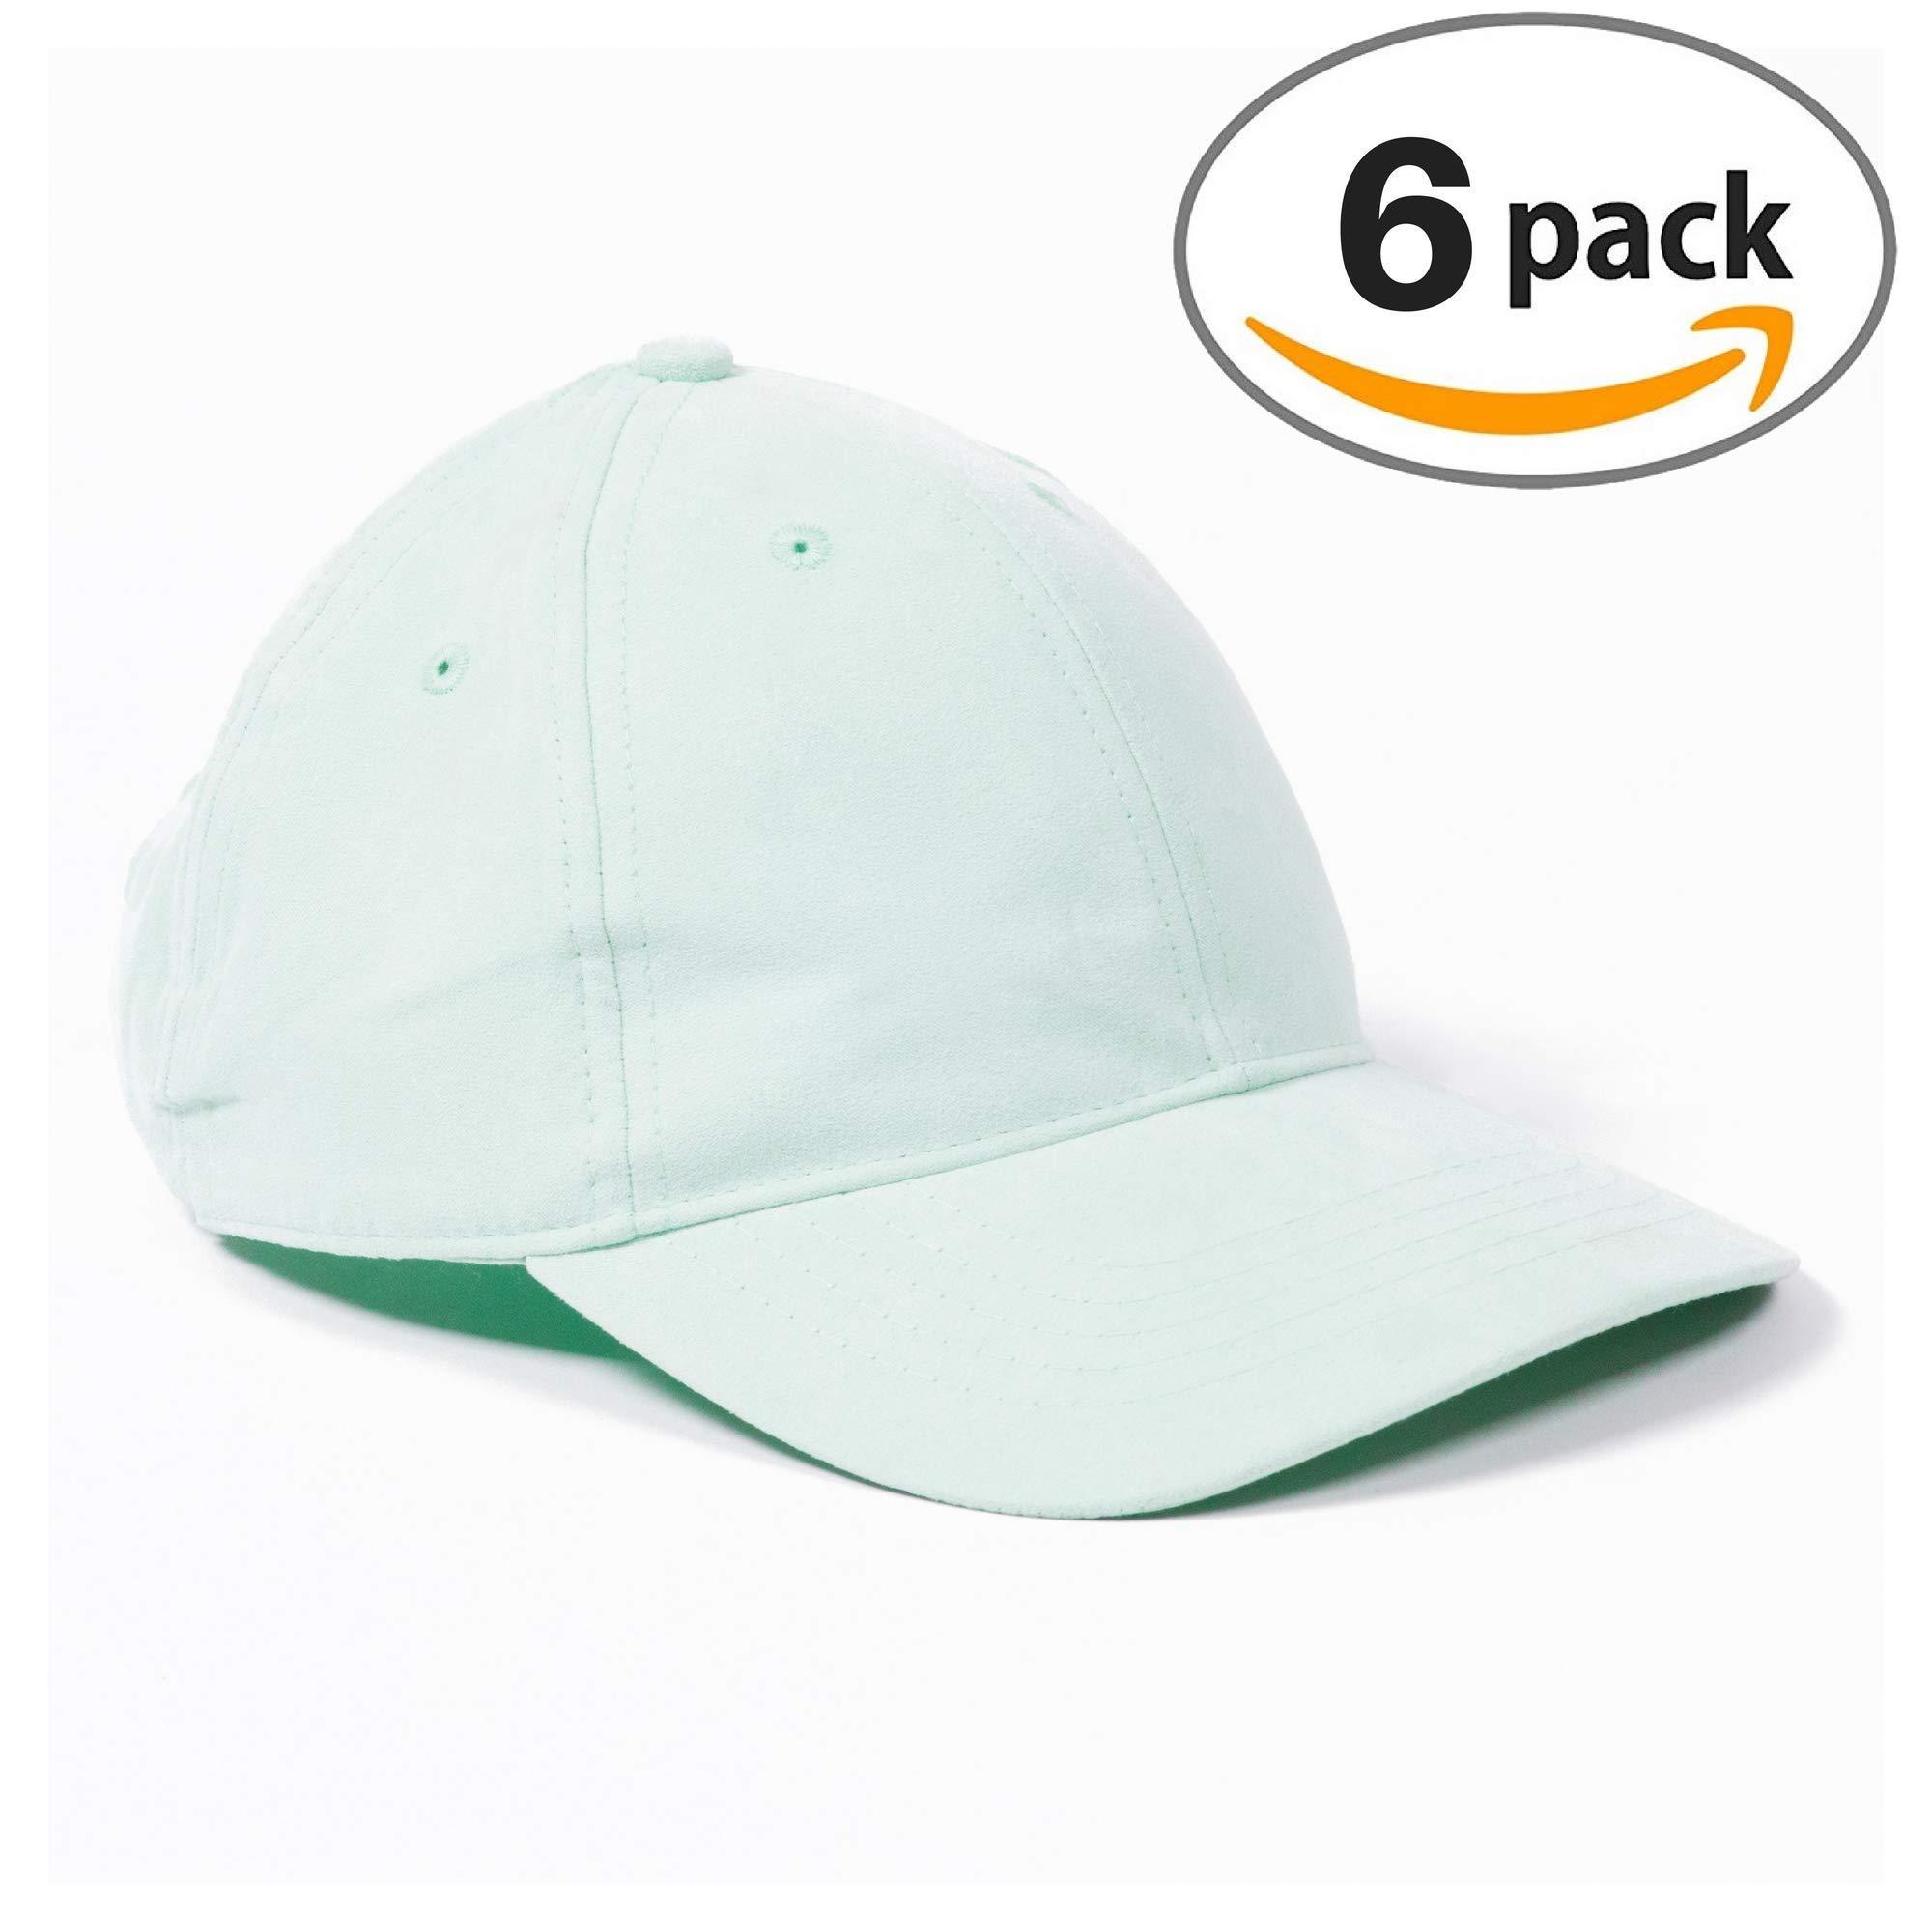 Infinity Headwear Ladies Soft Sea Glass Suede Cap 6 Pack